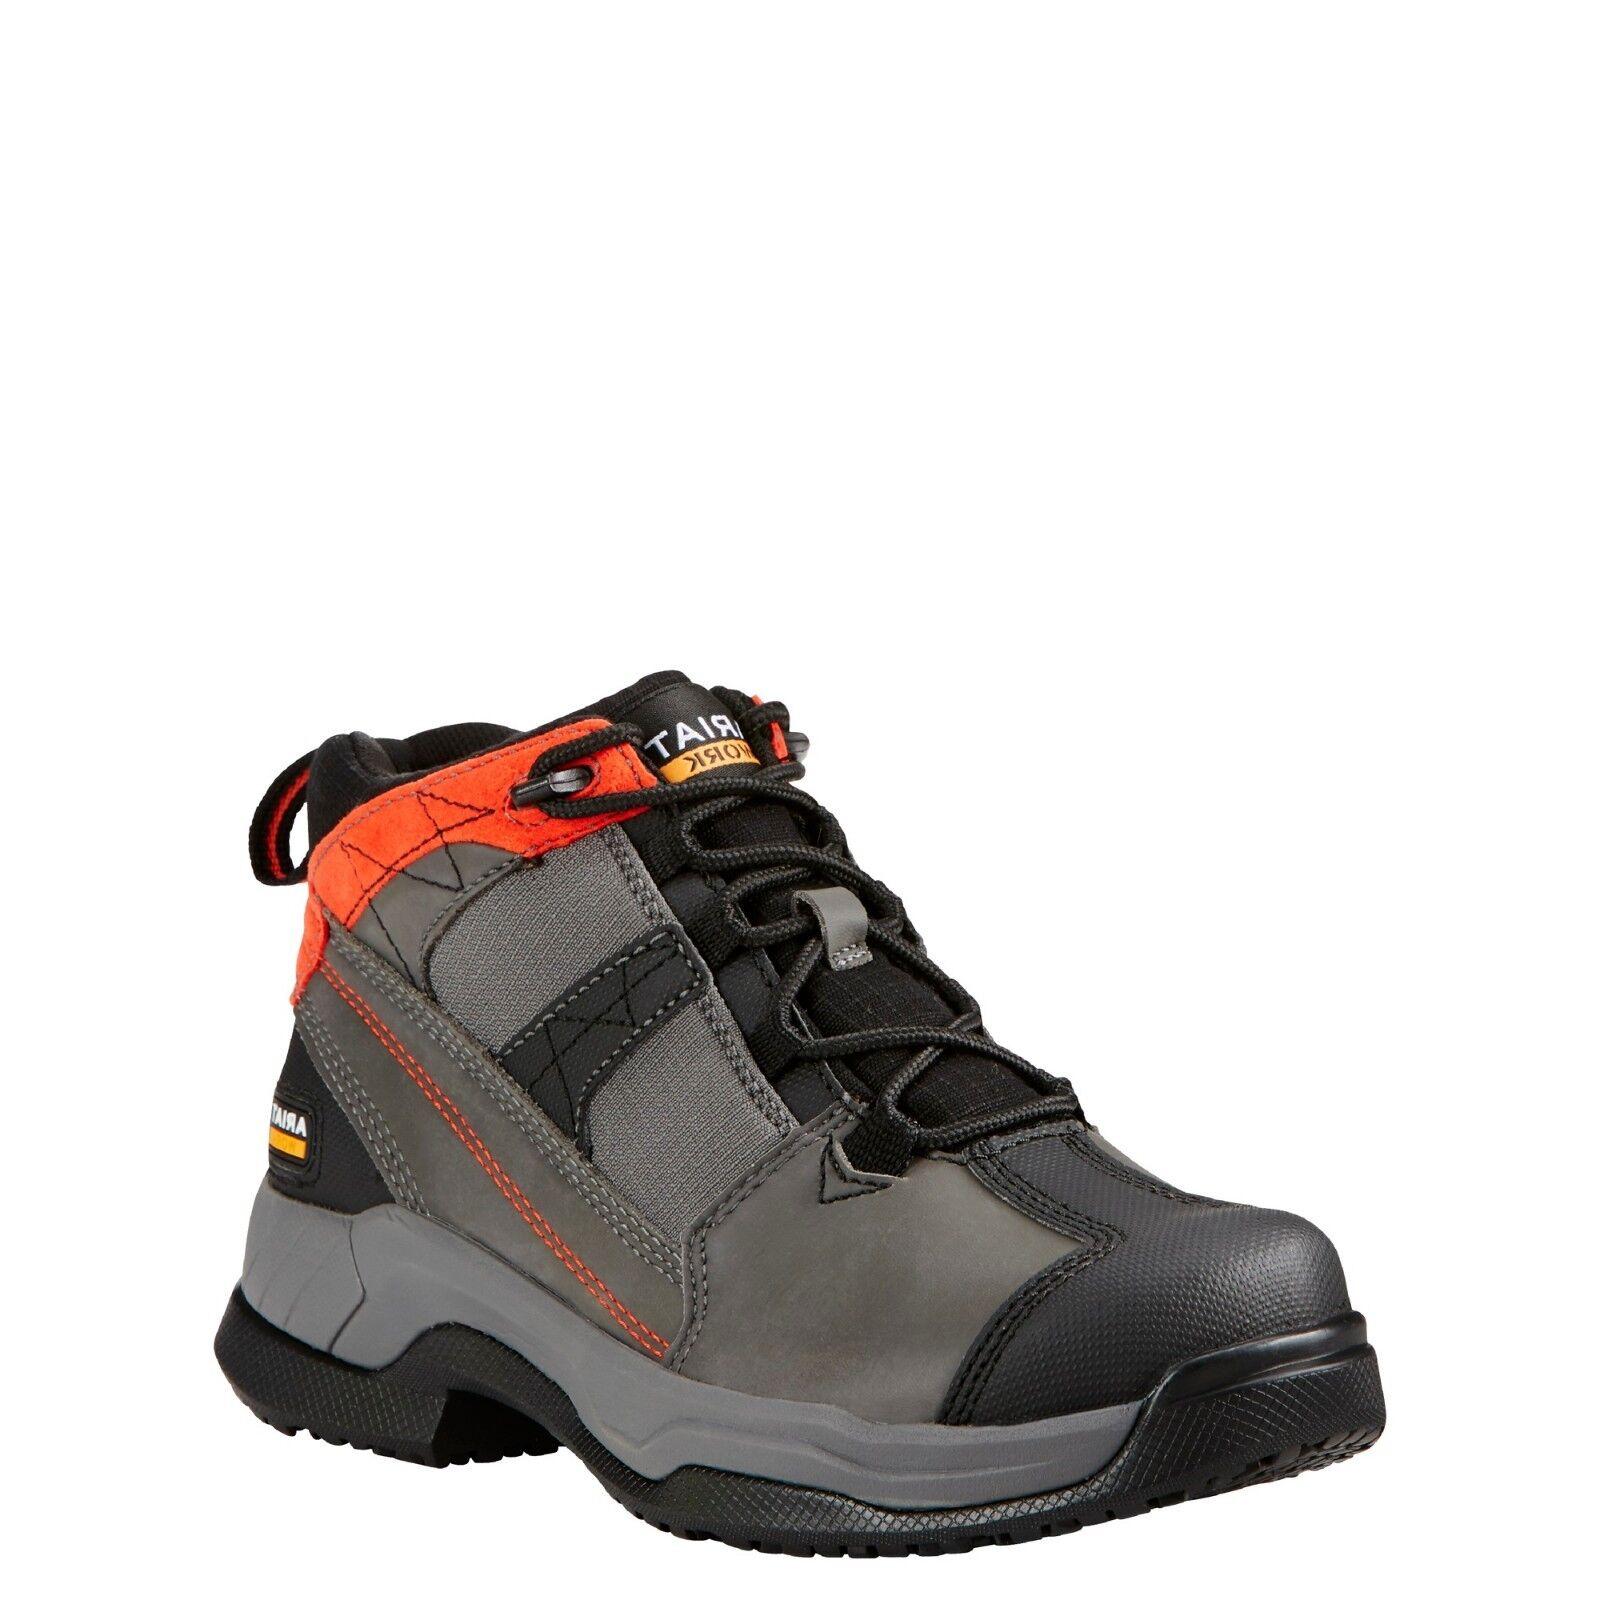 Ariat ® Damas contendiente grafito botas de trabajo 10018572